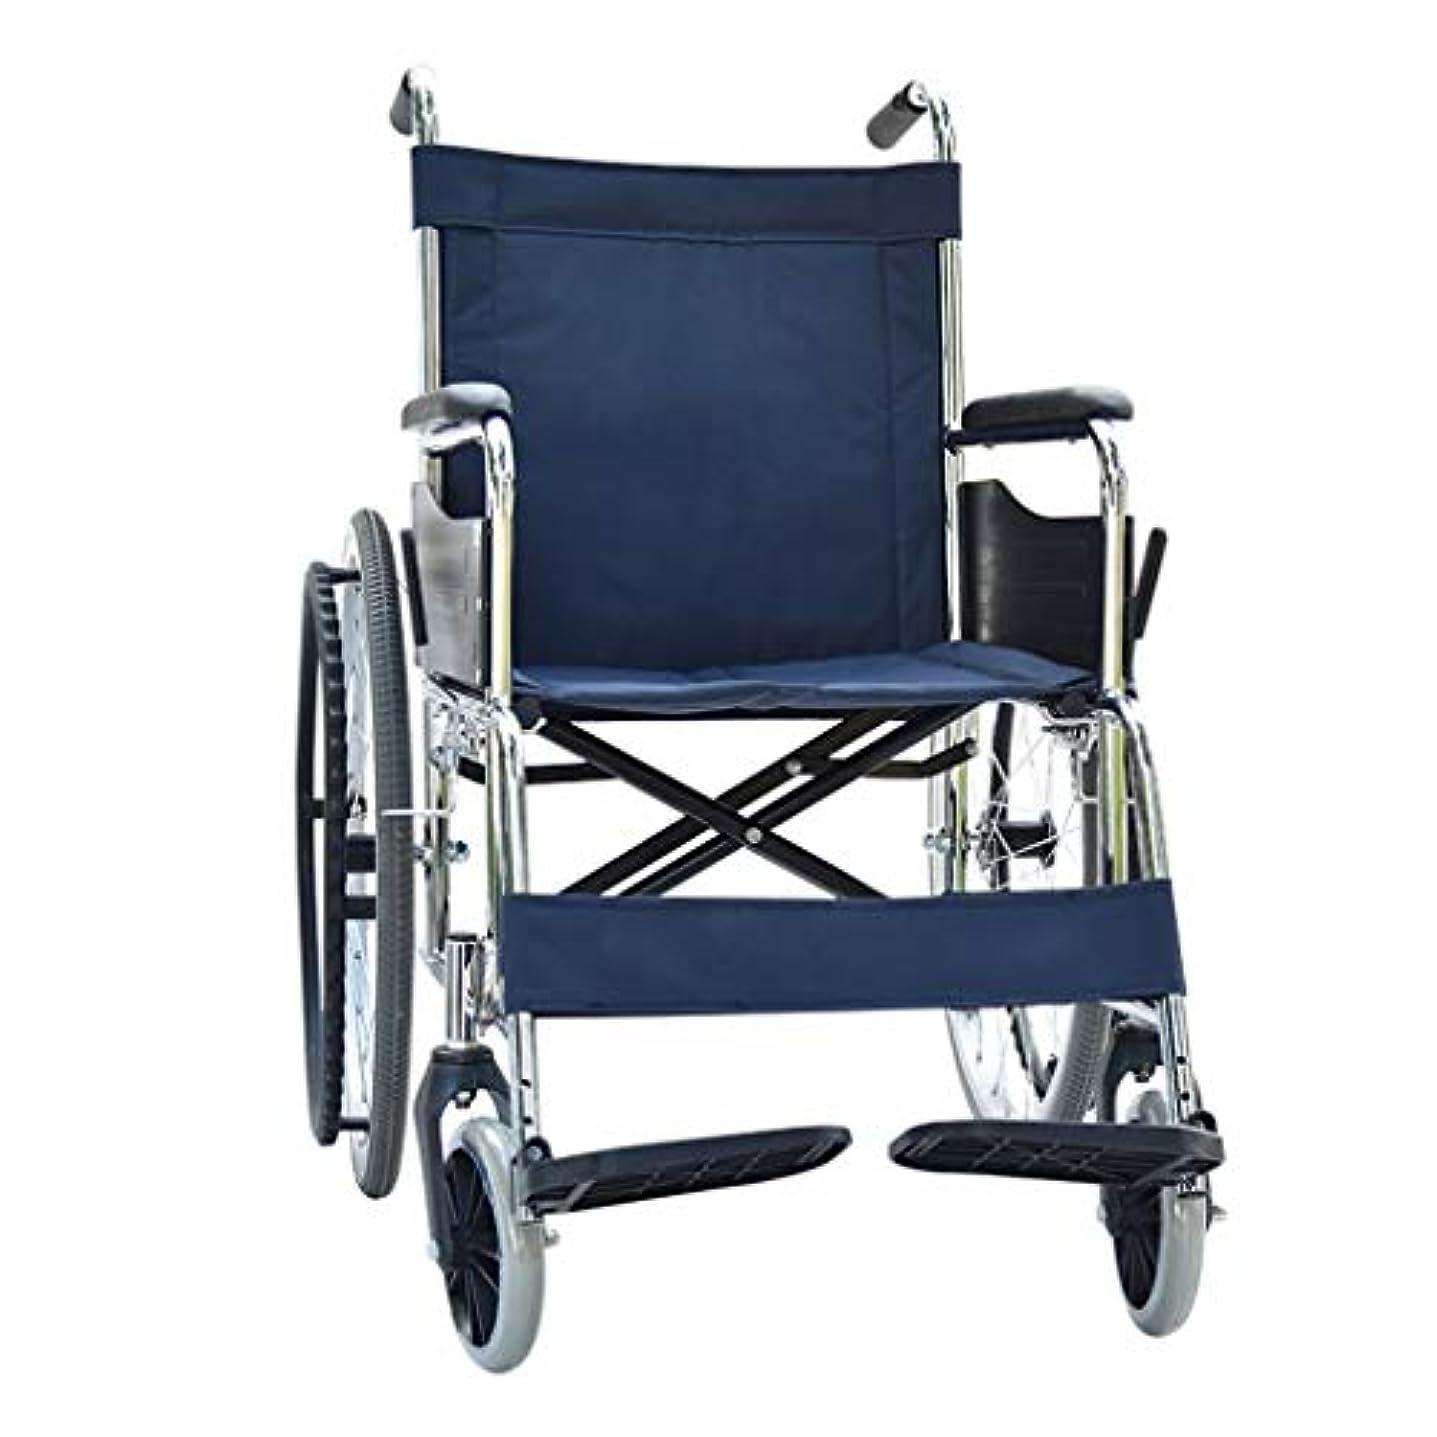 完全に乾くクレデンシャル寛大さ車椅子折りたたみ式、高齢者、障害者用トロリー、調節可能なフットペダル、リアストレージバッグデザイン